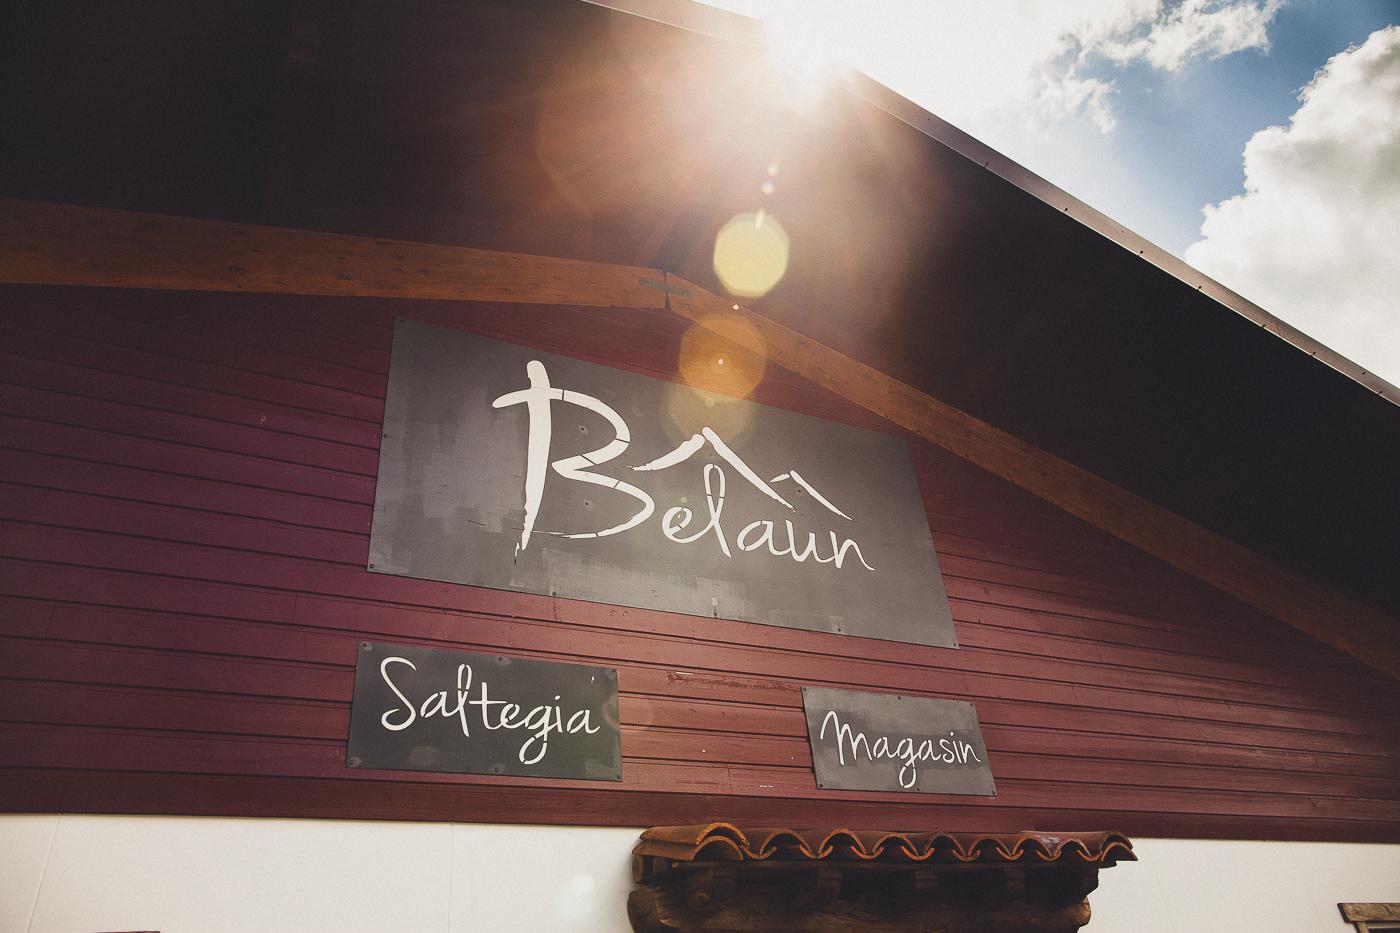 belaun, magasin de producteurs fermiers - la vallÉe des aldudes